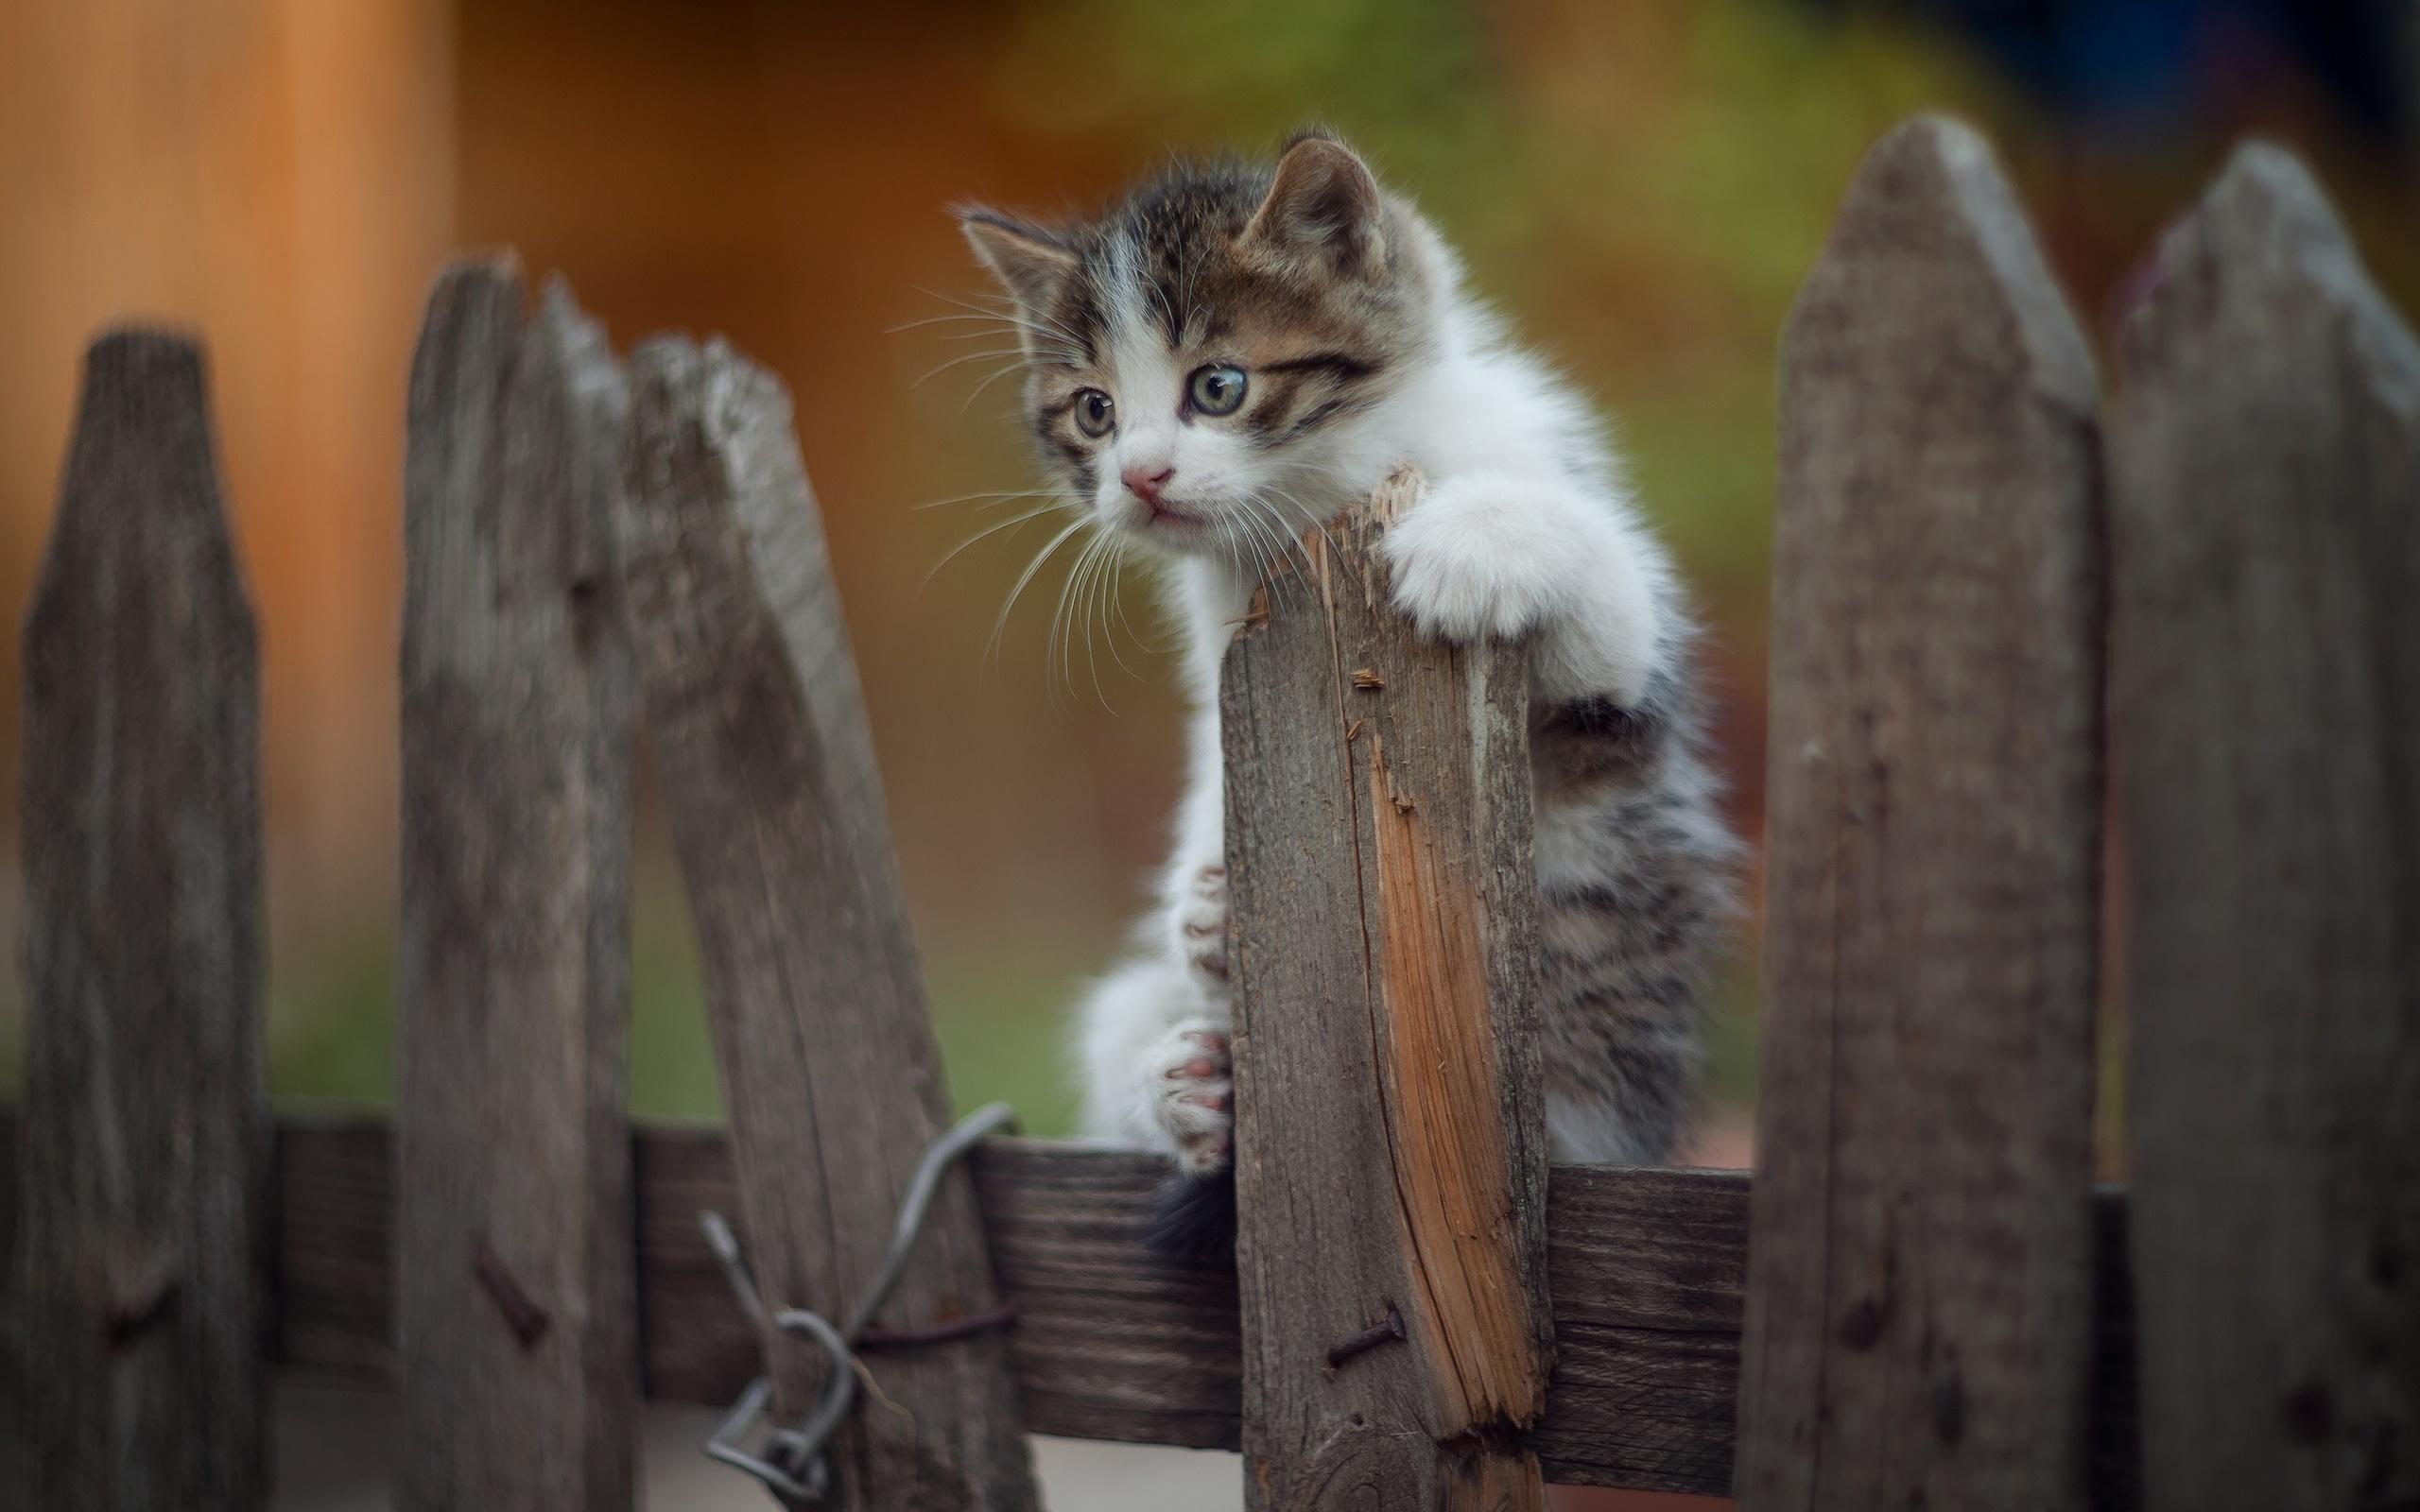 животное, котёнок, малыш, детёныш, забор